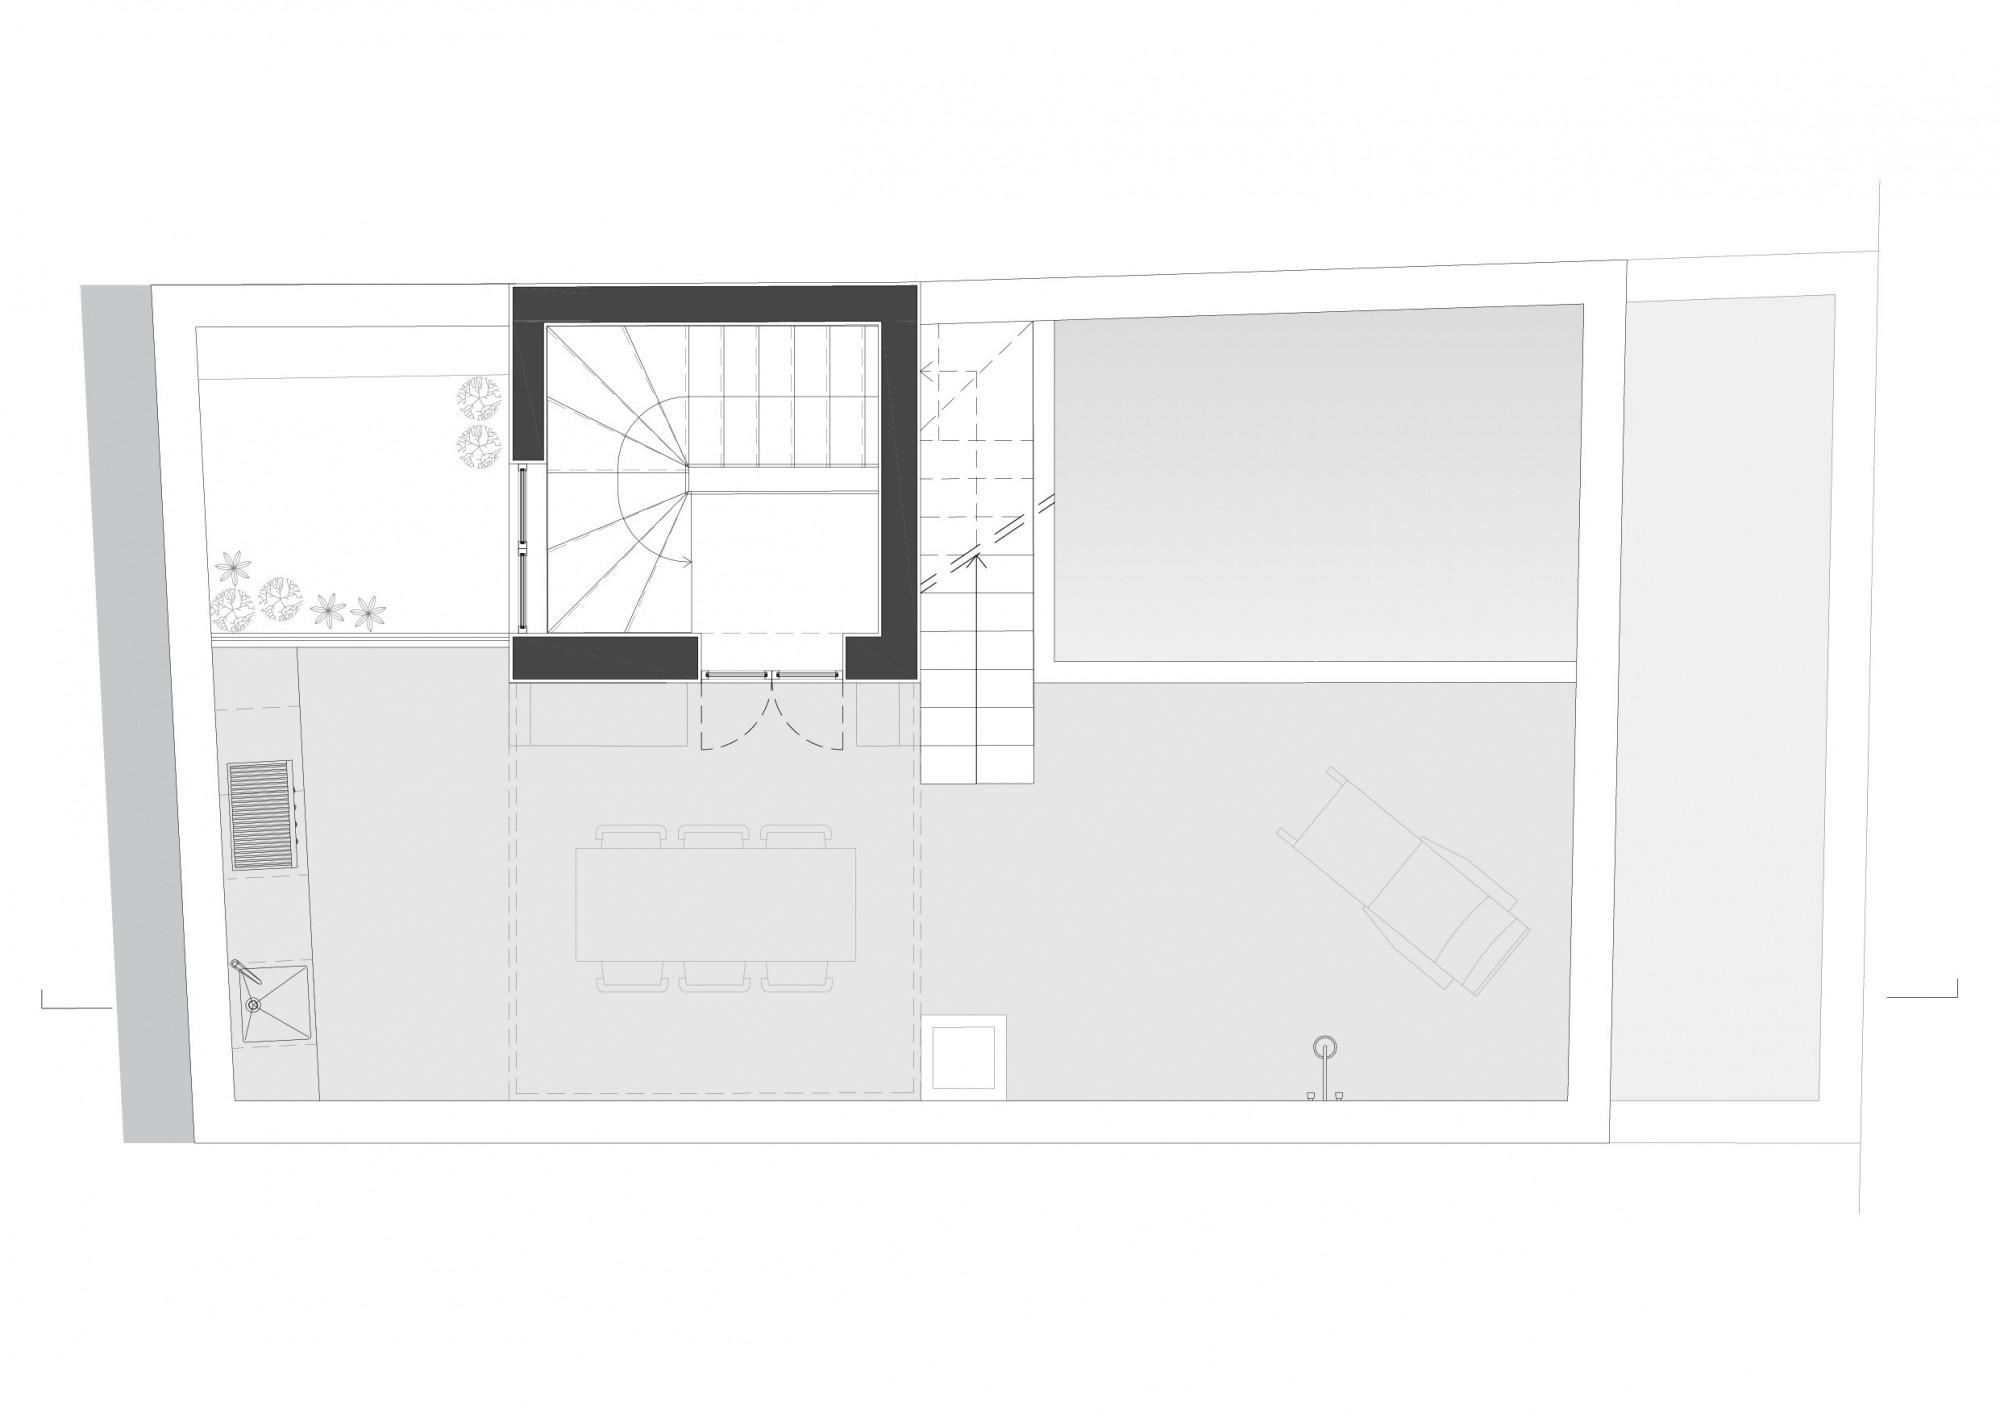 Piso 3 / 2 Floor